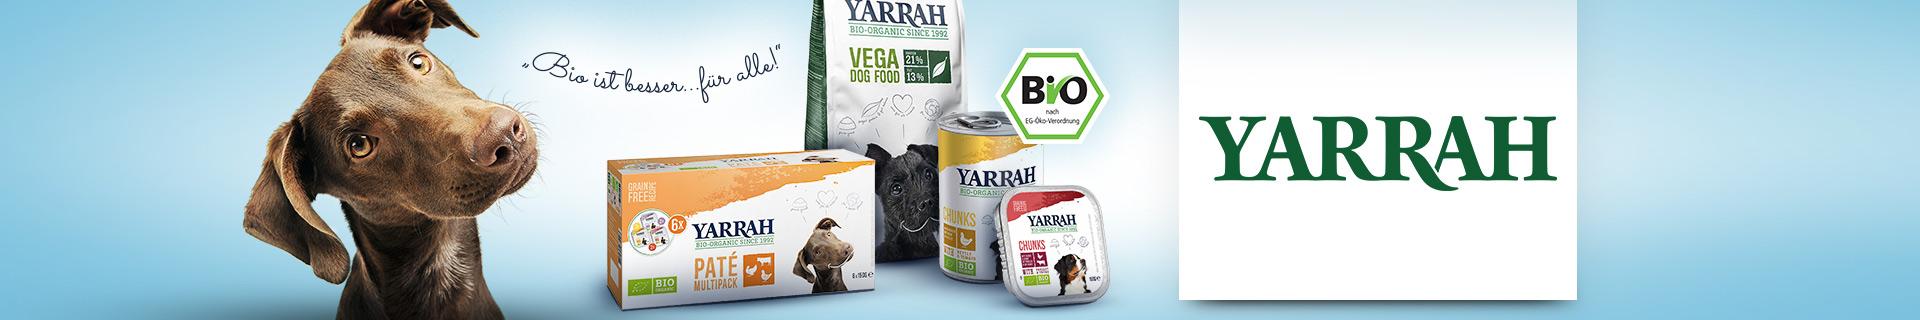 Yarrah Markenshopbanner für Hund